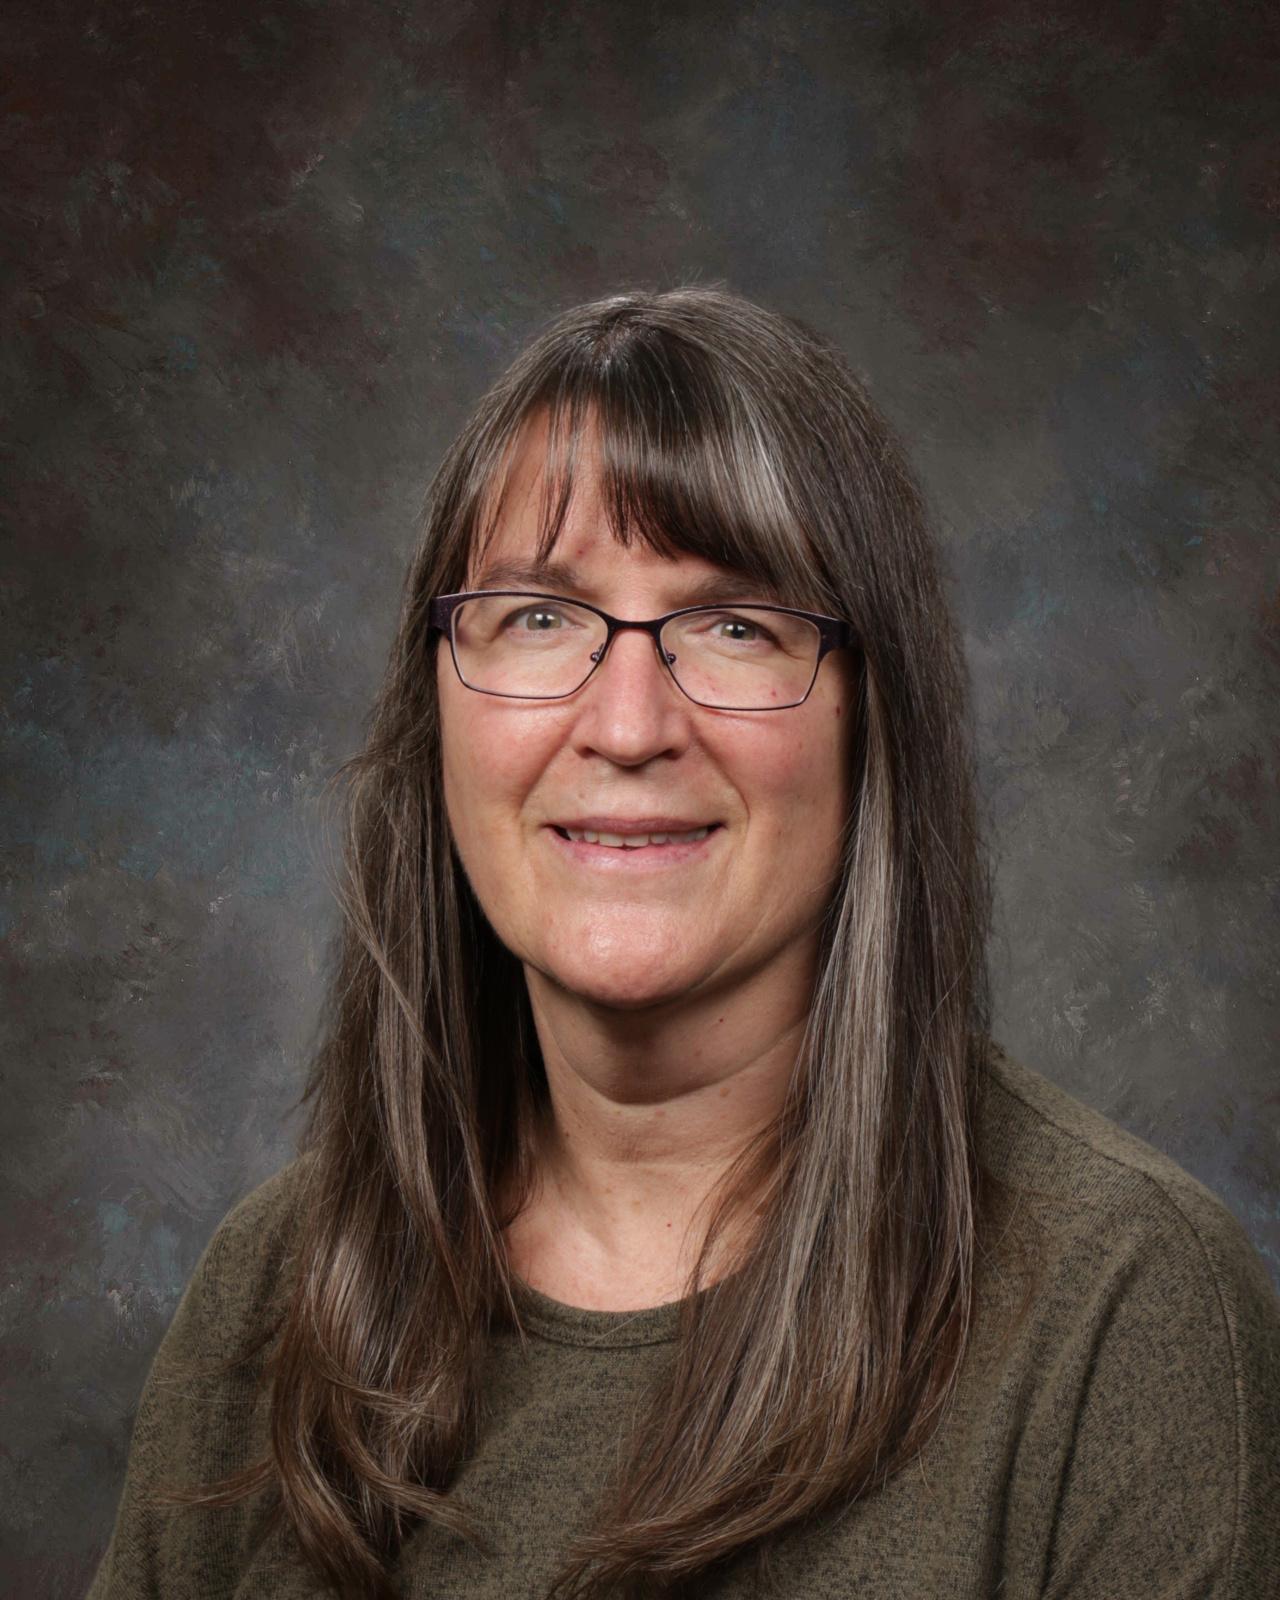 Sheryl Nordberg